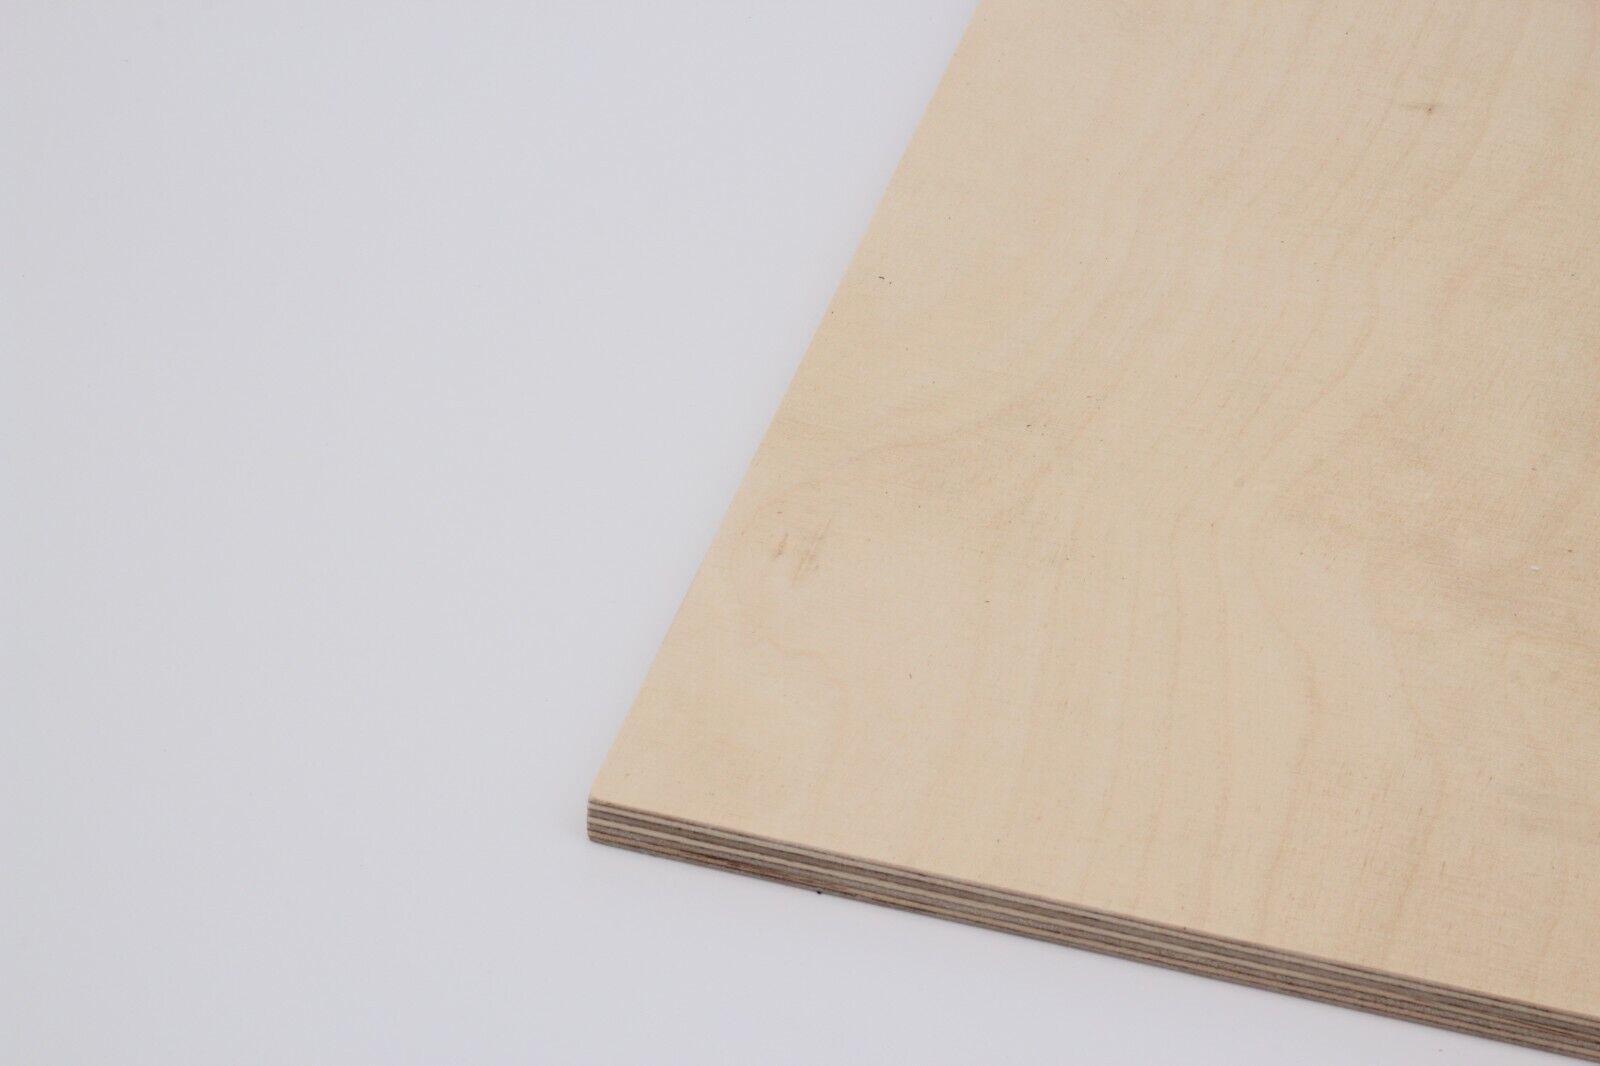 40x80cm Sonderma/ße ! 21mm starke Siebdruckplatten Multiplexplatten Holzplatten Tischplatten Zuschnitt auf Ma/ß